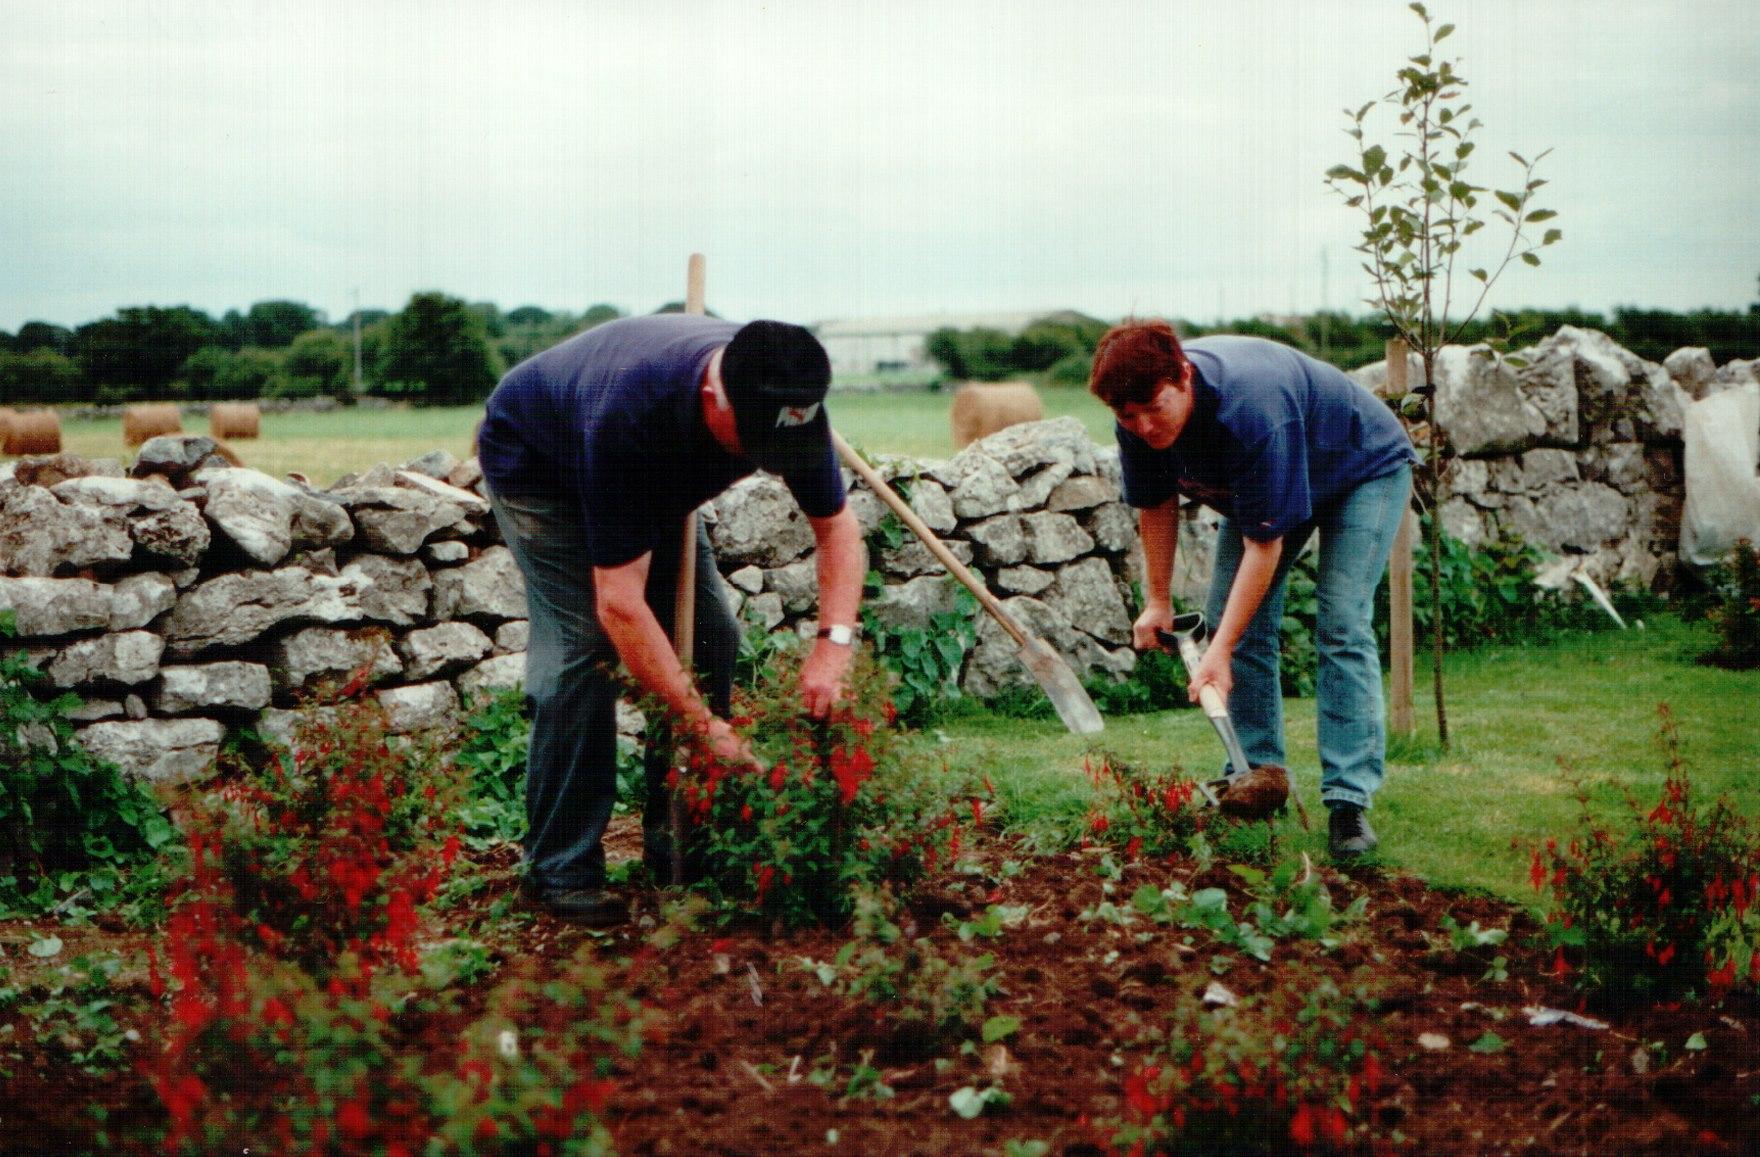 larry-king-josette-farrell-landscaping-for-famine-stone